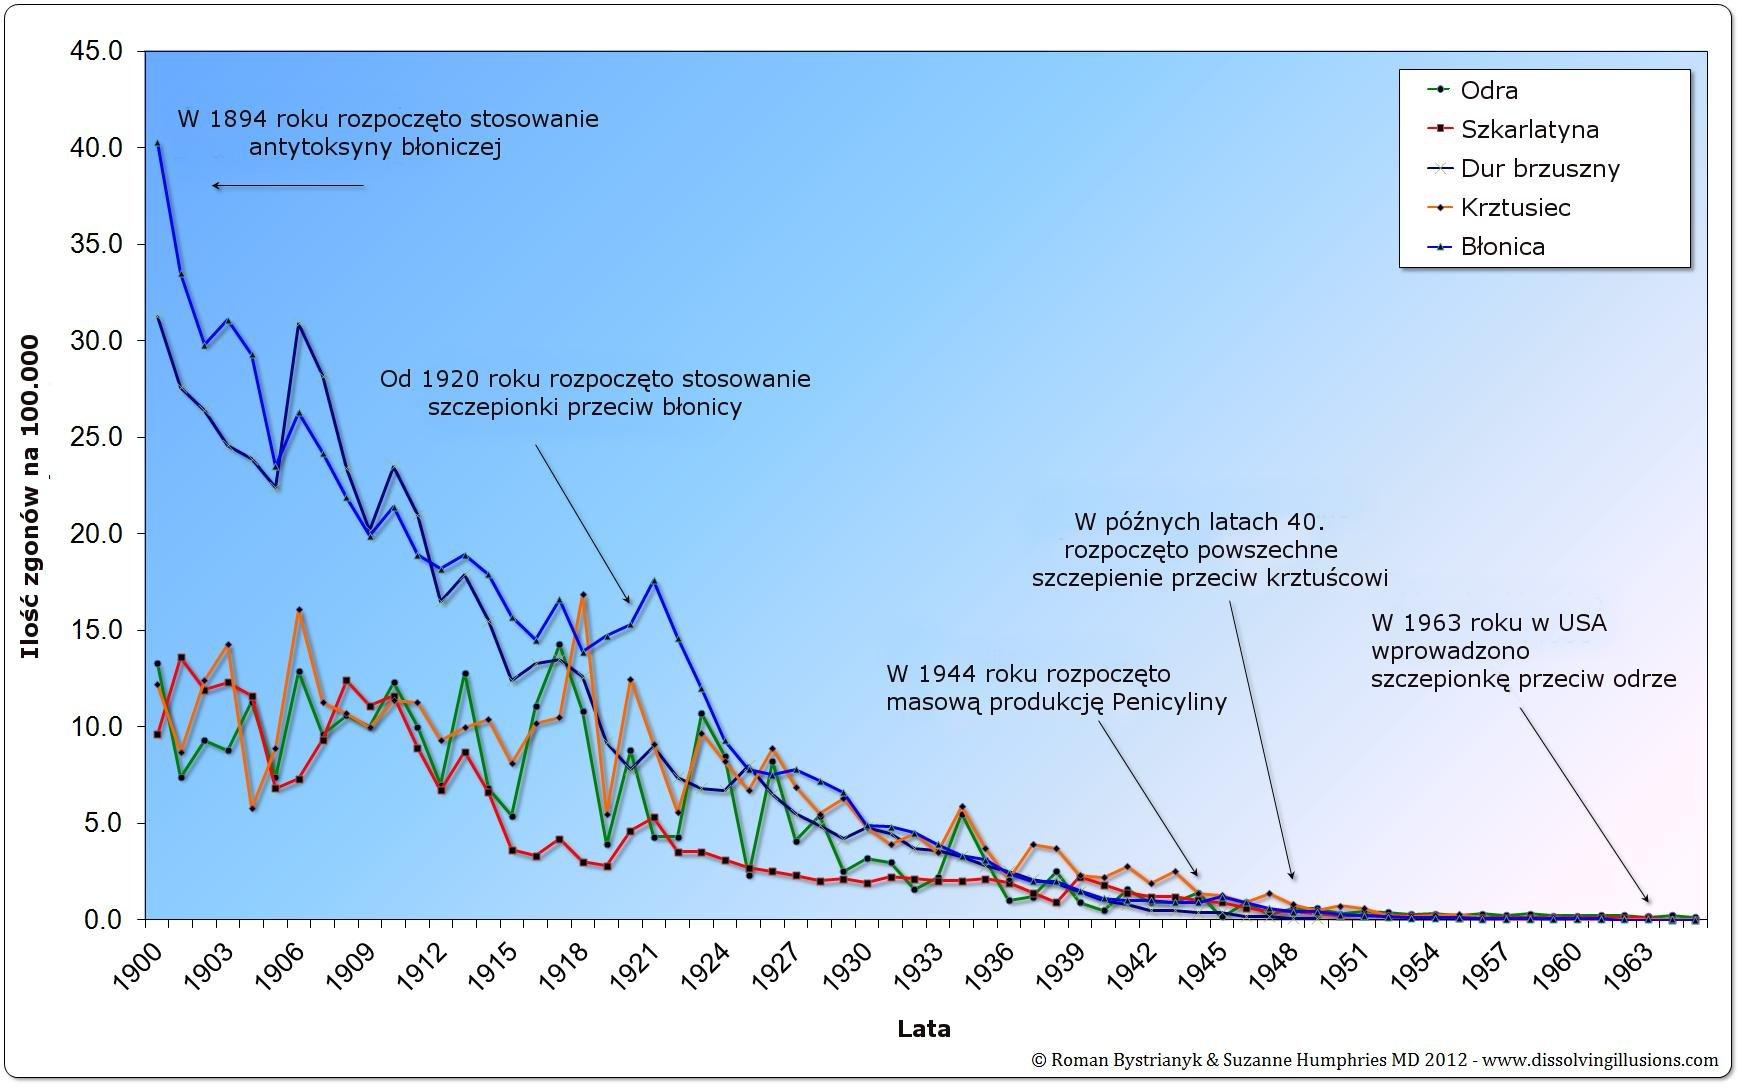 Śmiertelność w USA 1900-1965